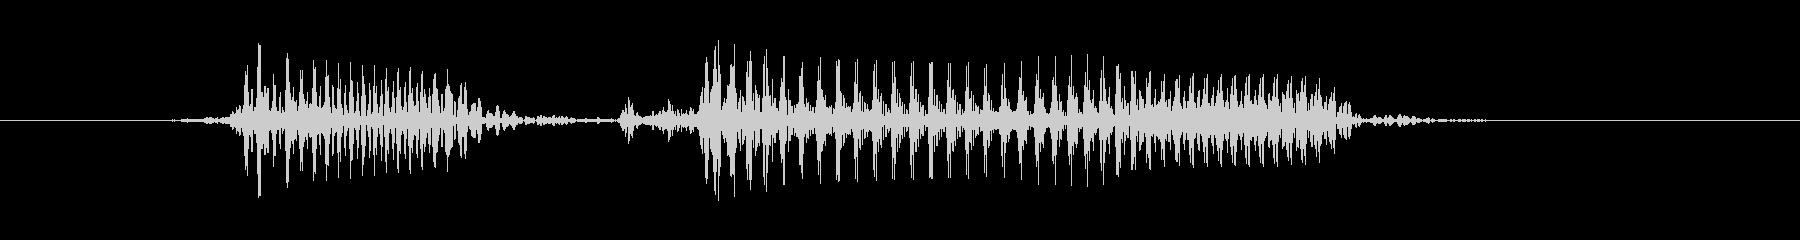 シニア男性A:わかりましたの未再生の波形